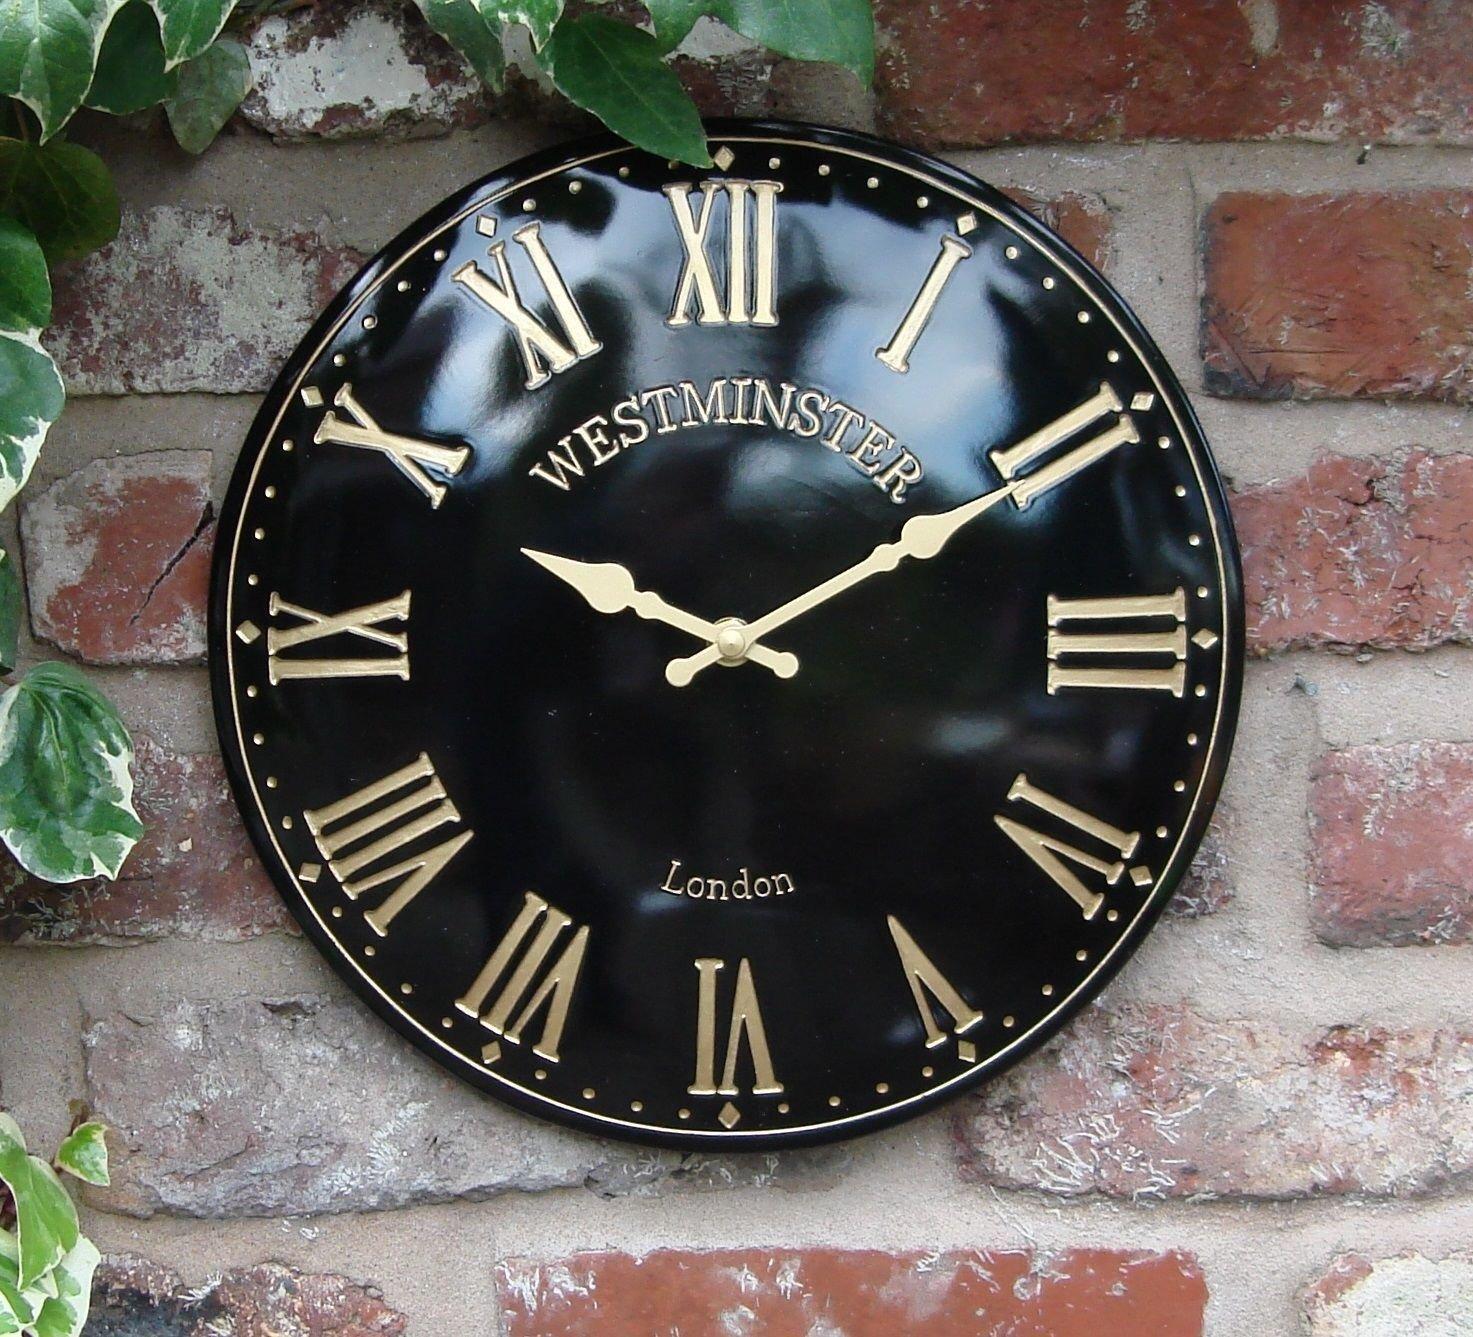 AISSION Wall Clock Außenbereich Garten Innen Schwarz Wanduhr Hand gemäßte Kirche, Römische 12 Zoll